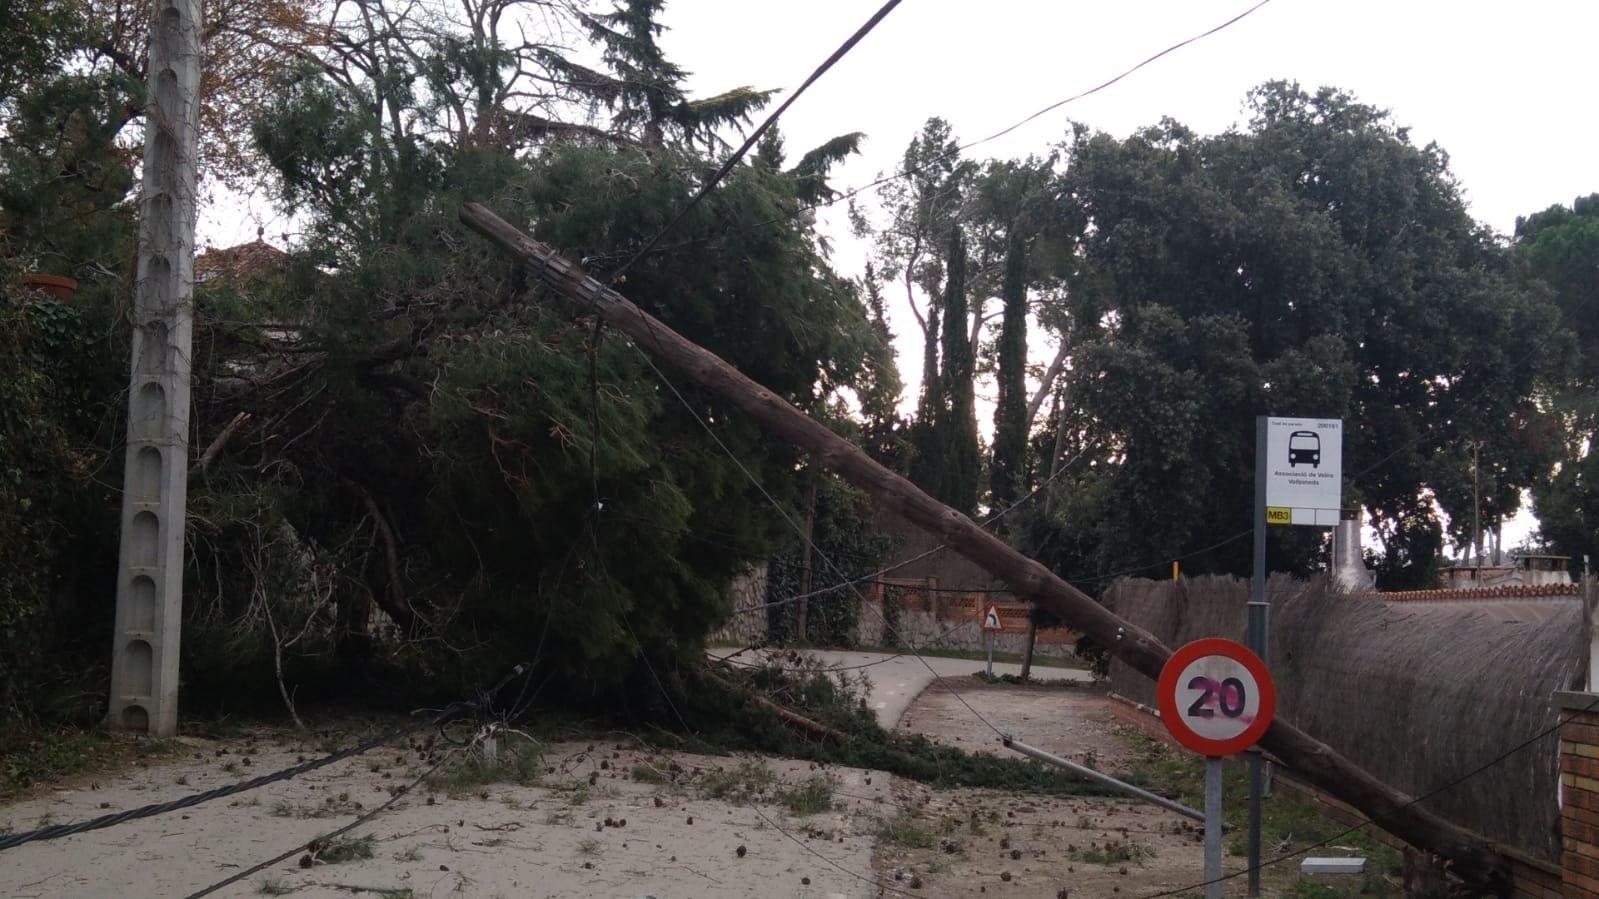 arbre caigut a Soler i Sauret